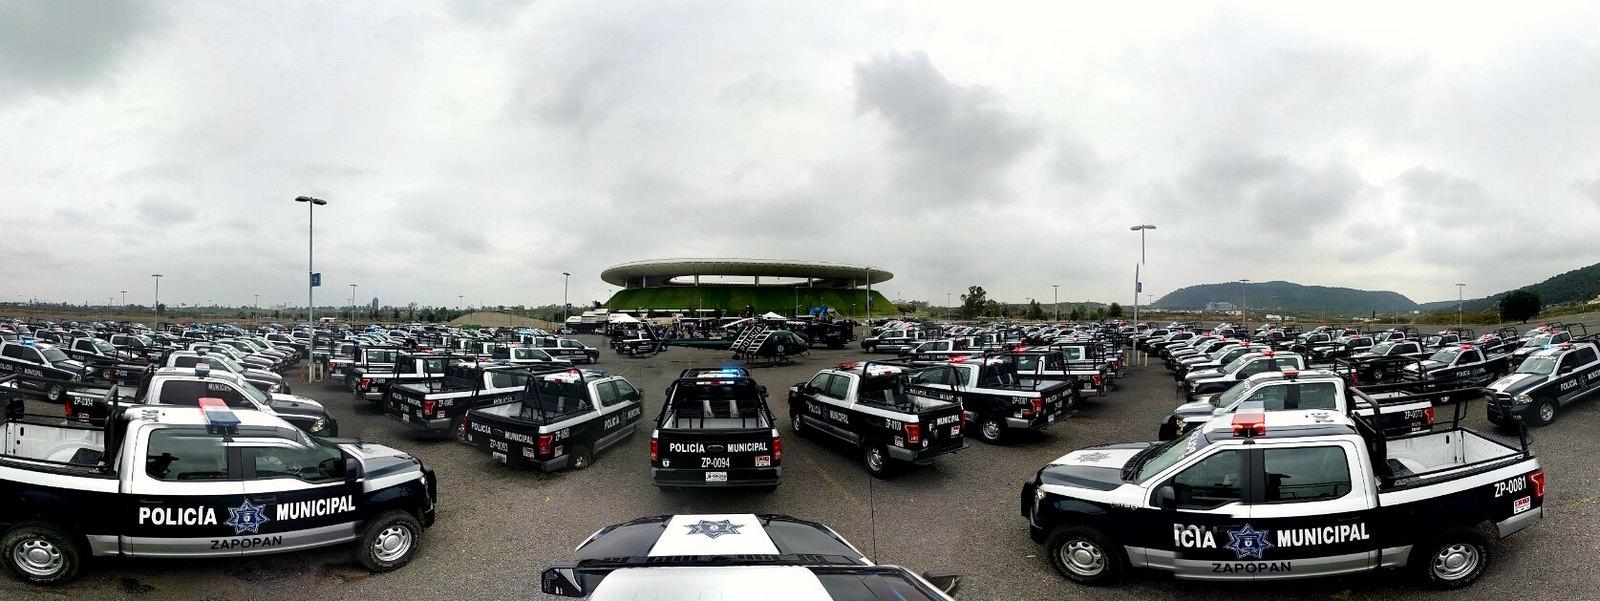 Presenta Zapopan Estado de Fuerza de la Comisaría General de Seguridad Pública